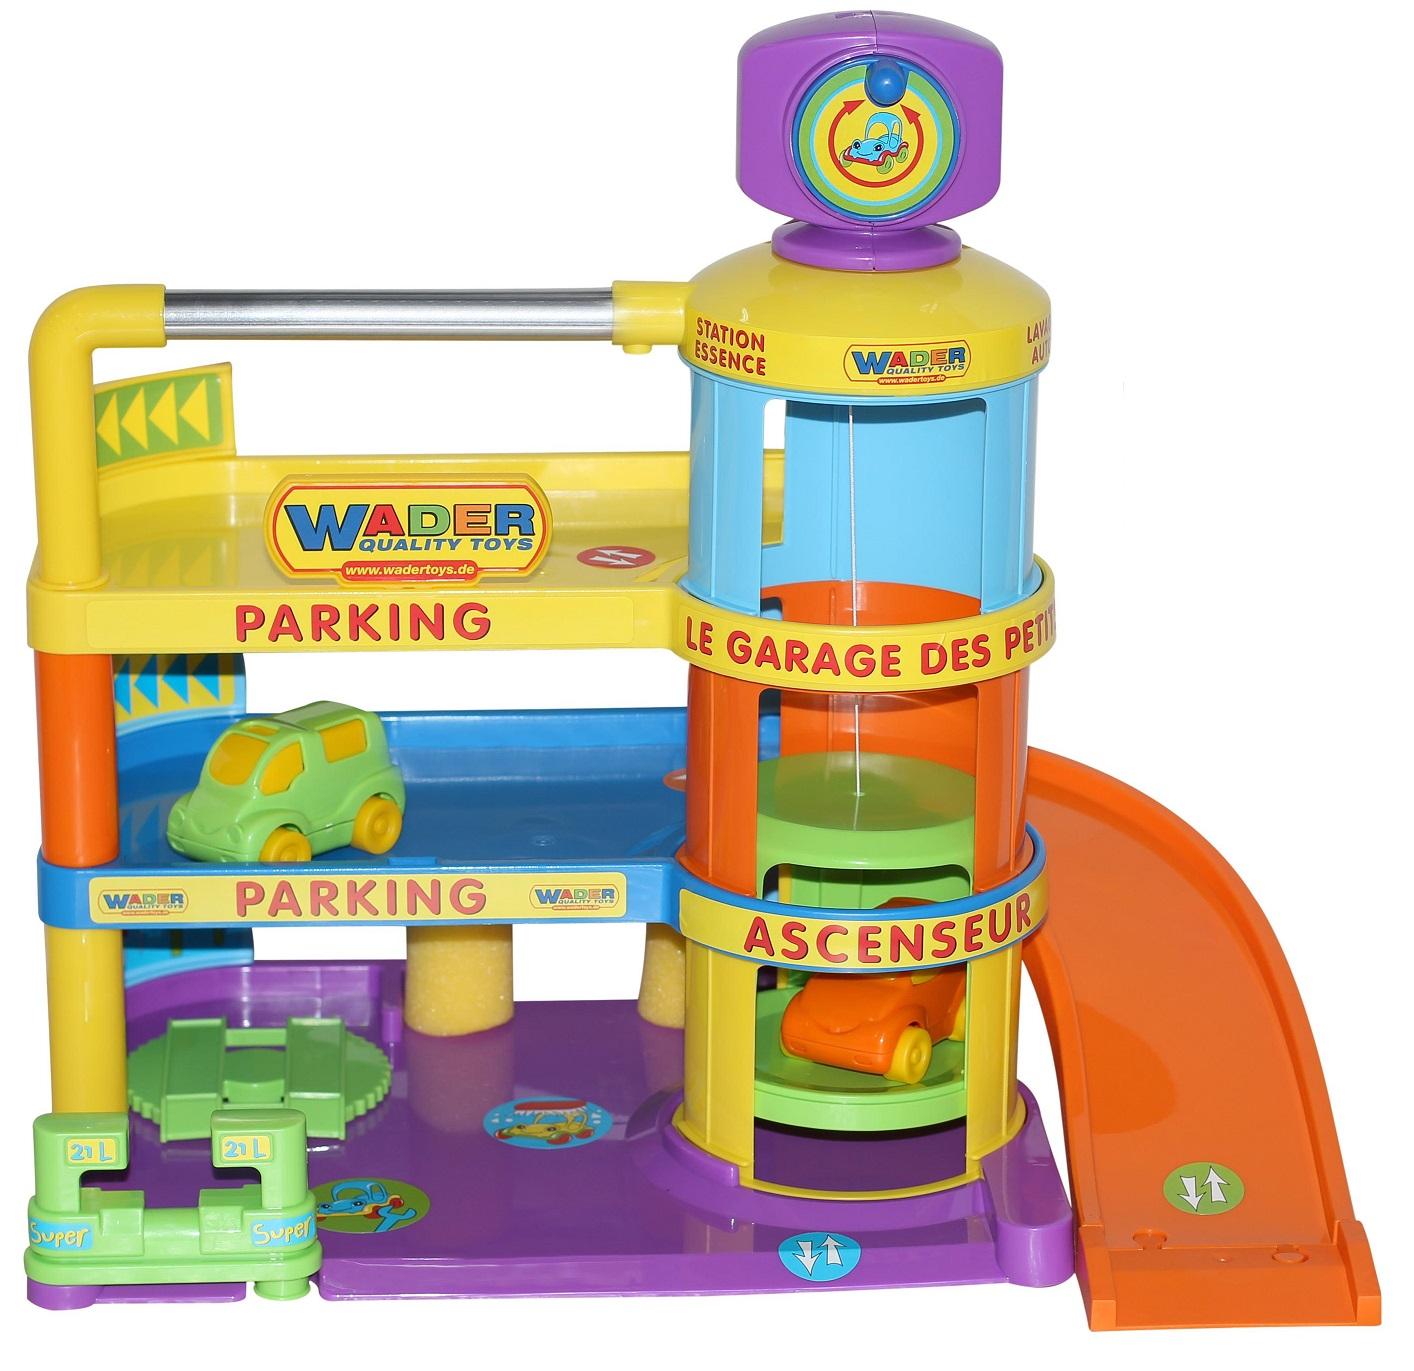 Гараж Беби с автомобилями, 3 уровня + лифтДетские парковки и гаражи<br>Гараж Беби с автомобилями, 3 уровня + лифт<br>